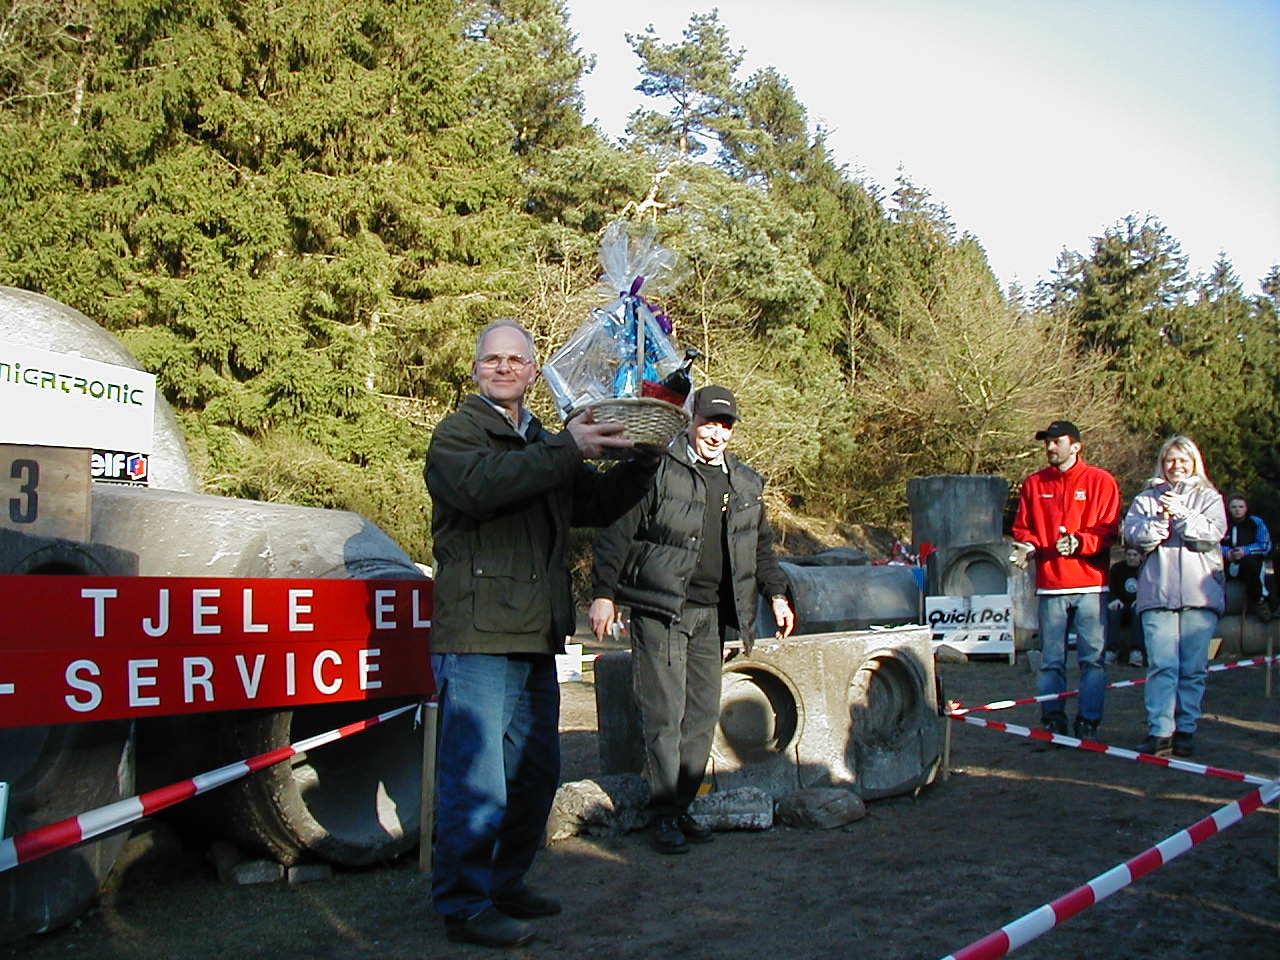 Gårdejer Jørgen Pedersen på Vejrumholt, som lagde grund til genvordighederne, fik en stor gavekurv som tak.